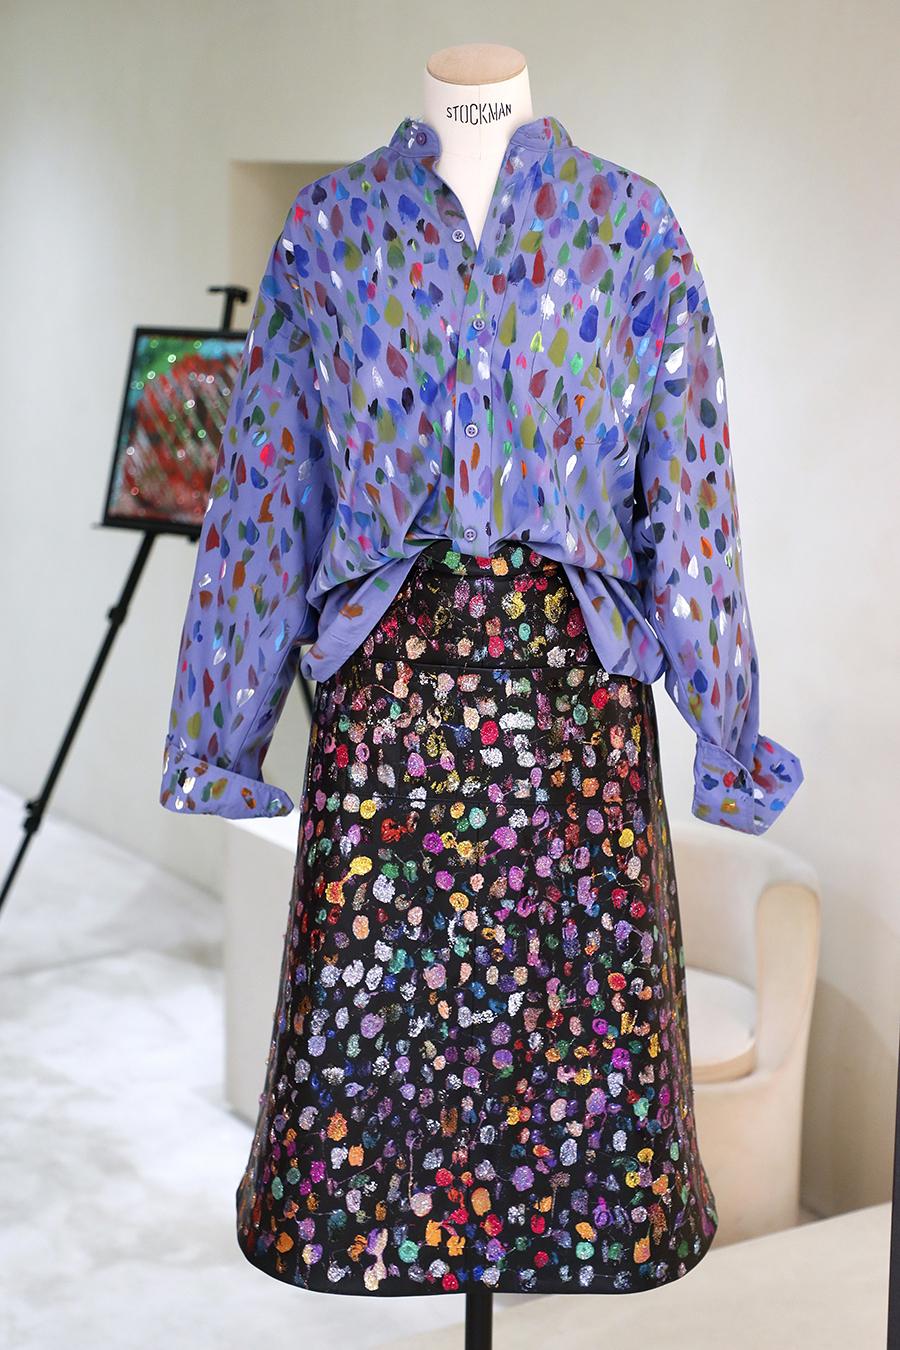 модная блуза блузка рубашка оборки принты 70-х голубая пятна